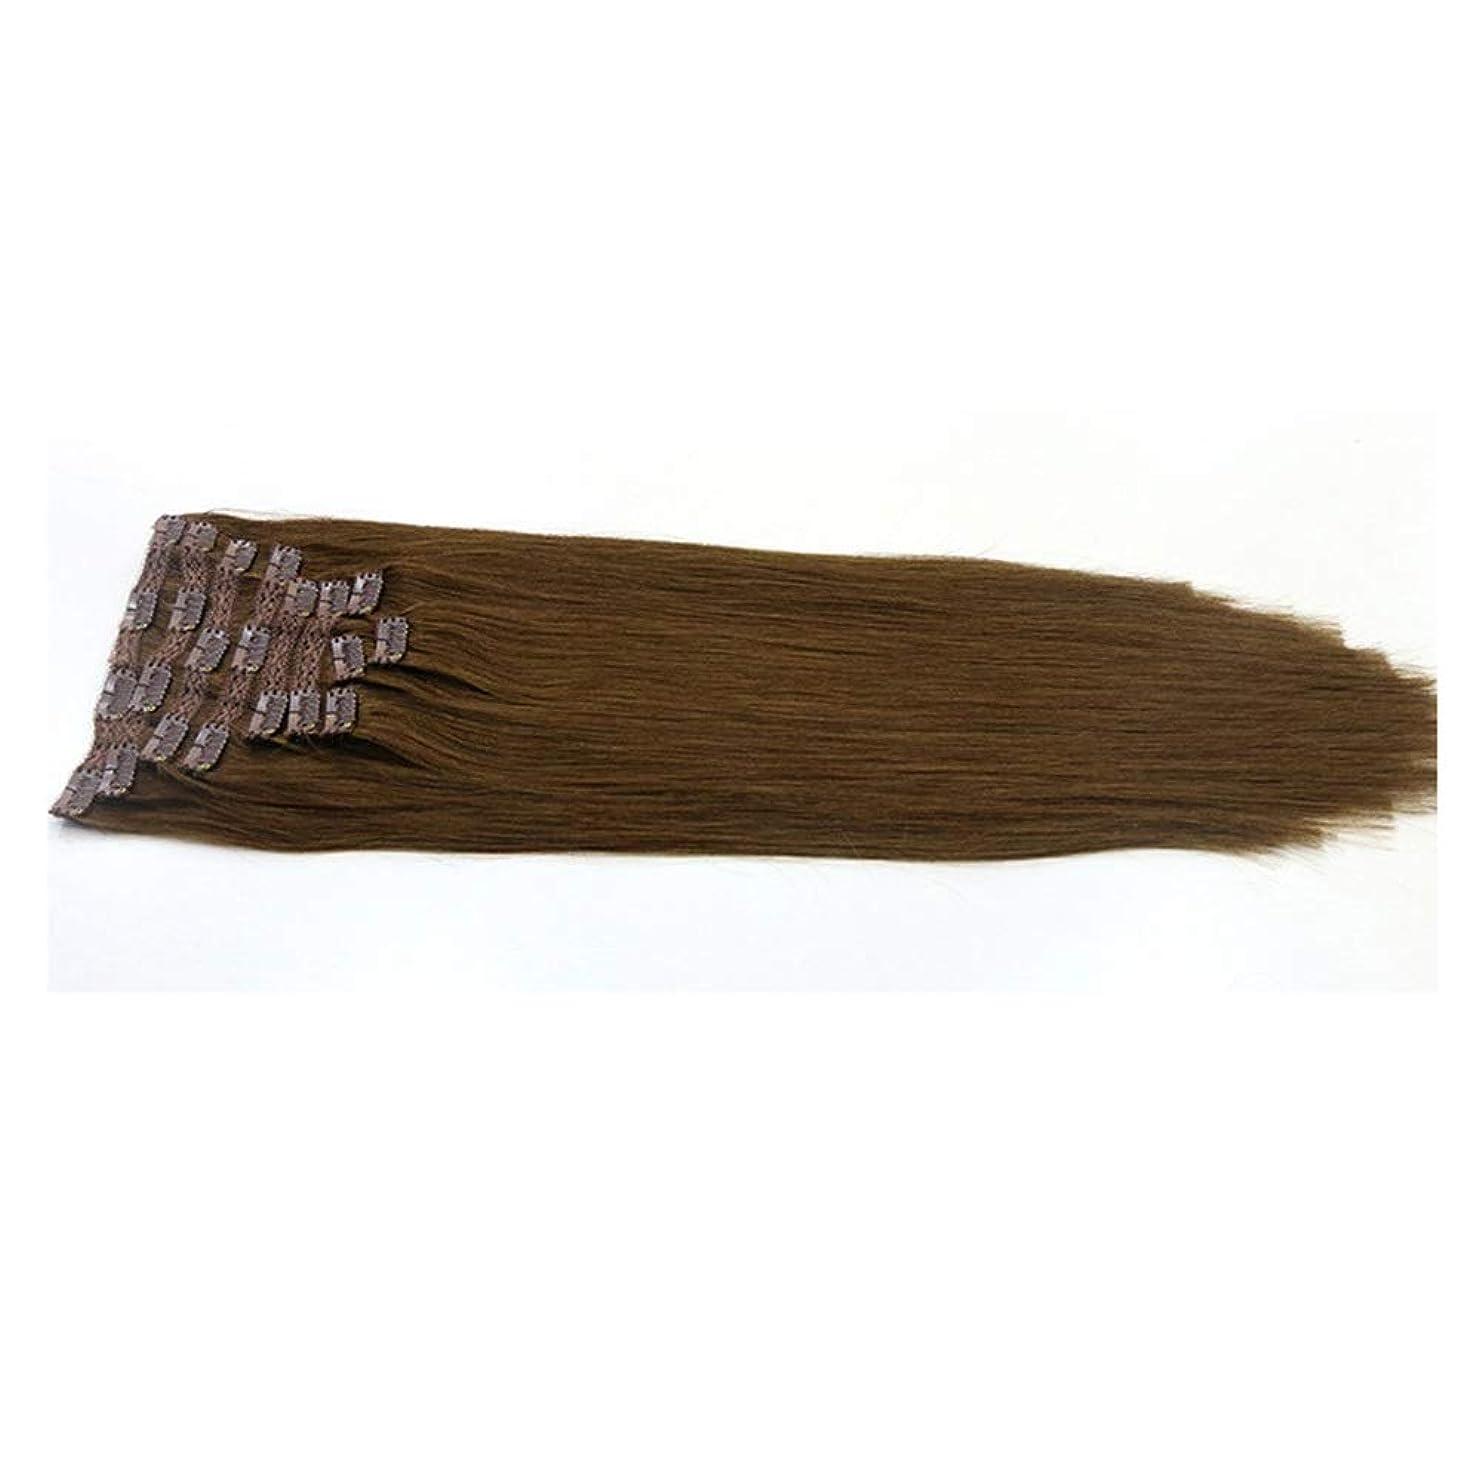 試してみる深く臨検JULYTER ブラジルのヘアエクステンションクリップ人間の髪の毛のワンピース3/4フルヘッドレミー生物学的連続横糸 (色 : ブラウン, サイズ : 22 inch)